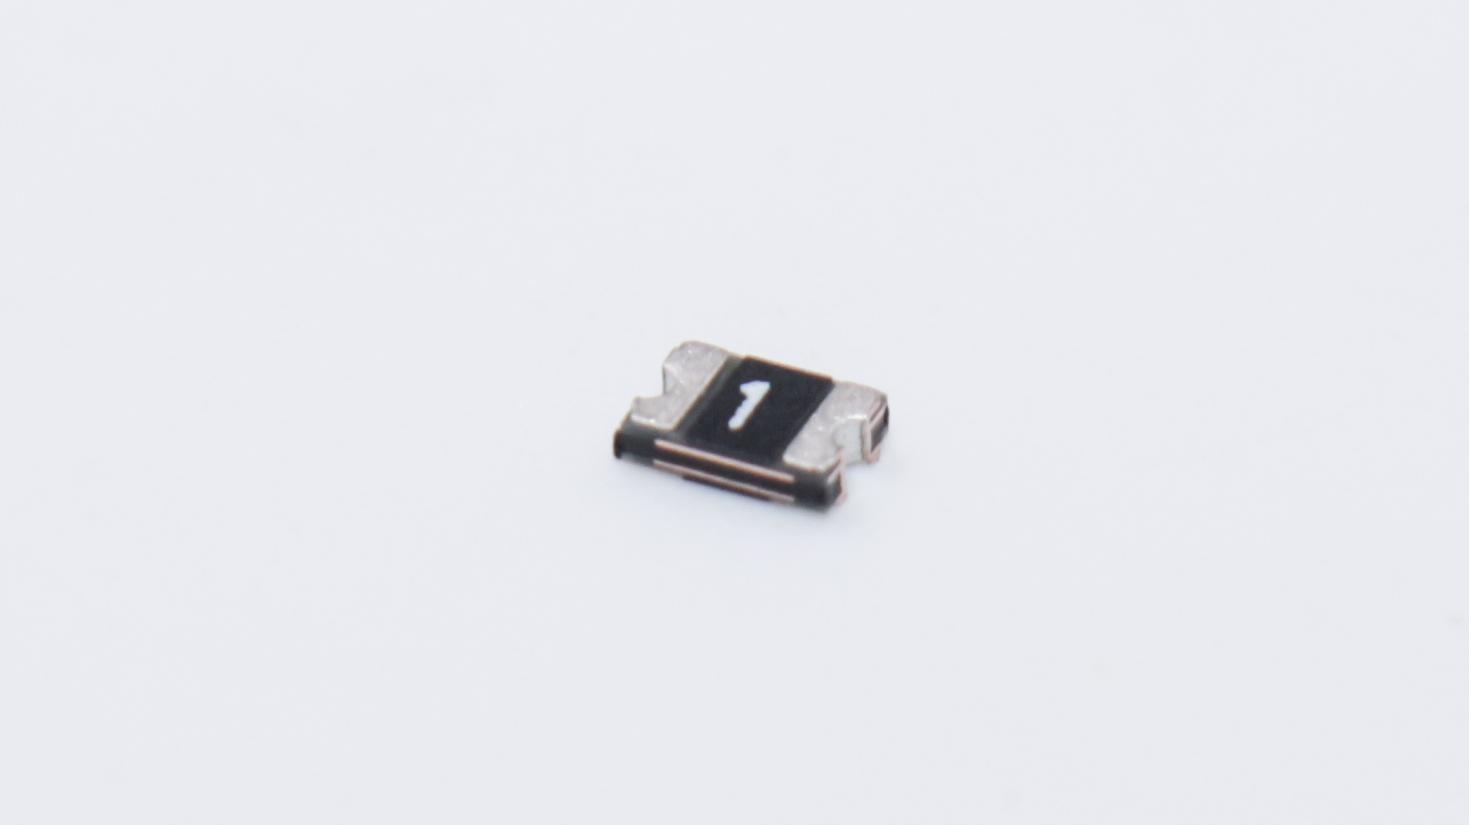 LOW Rho PTC0805 Series